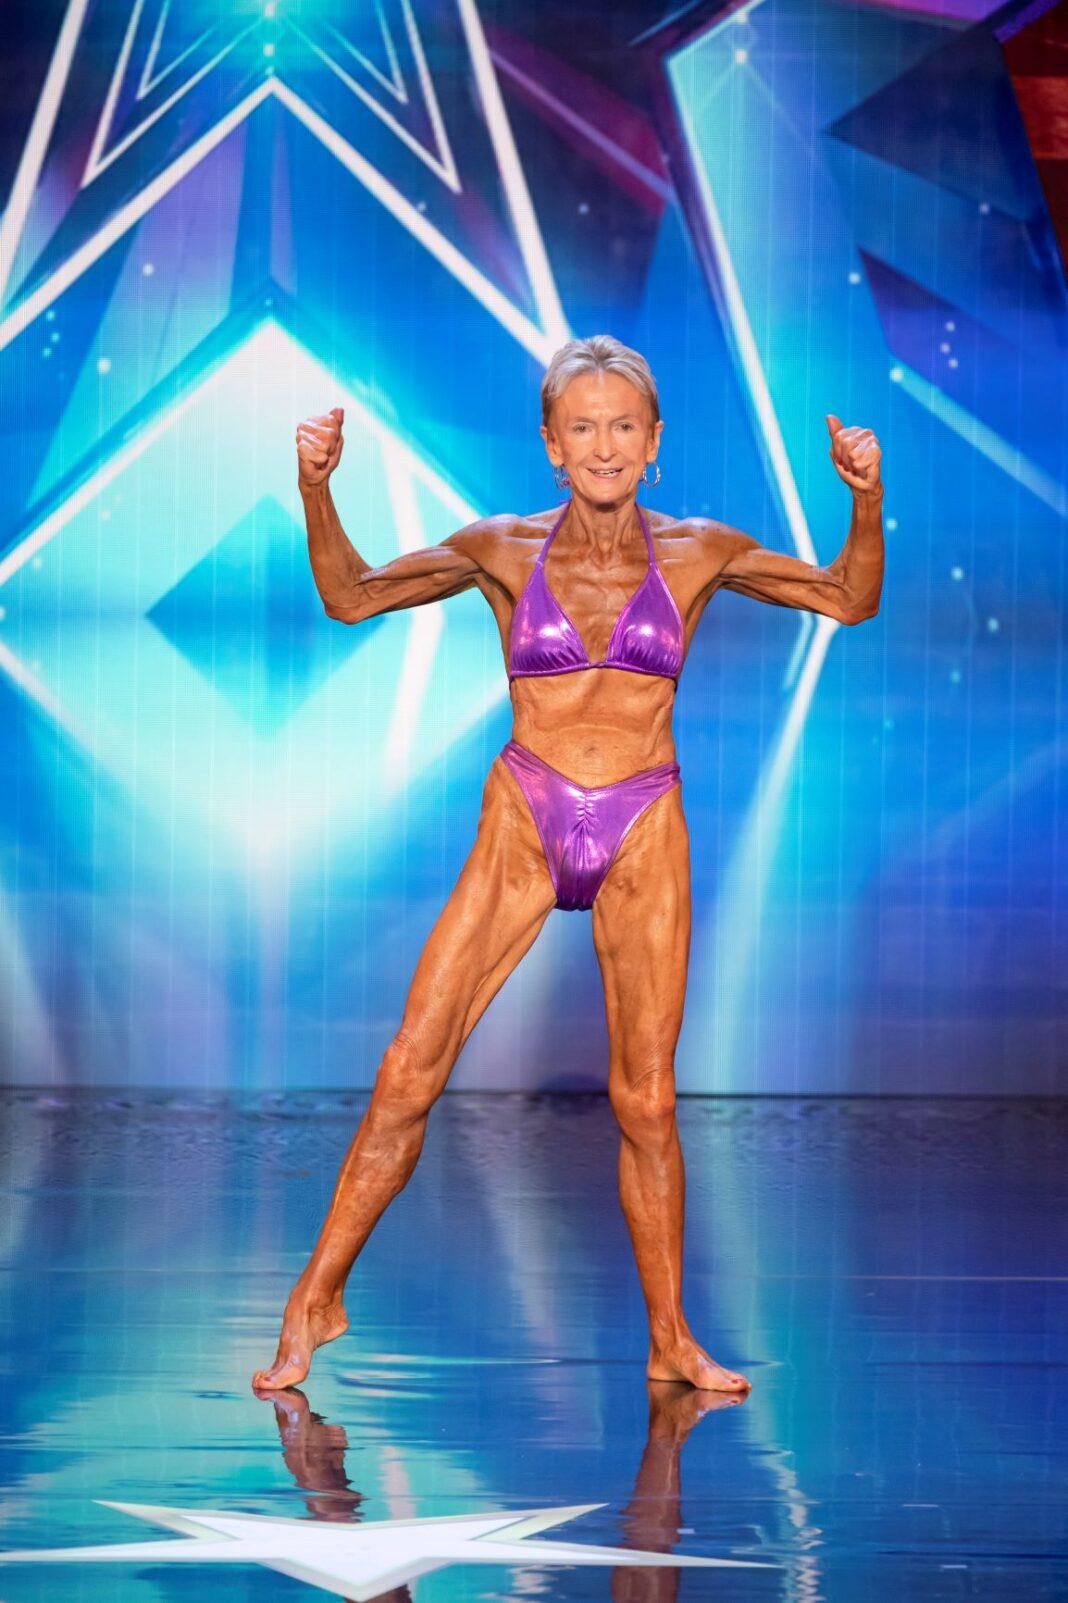 elderly woman in bikini flexing her muscles